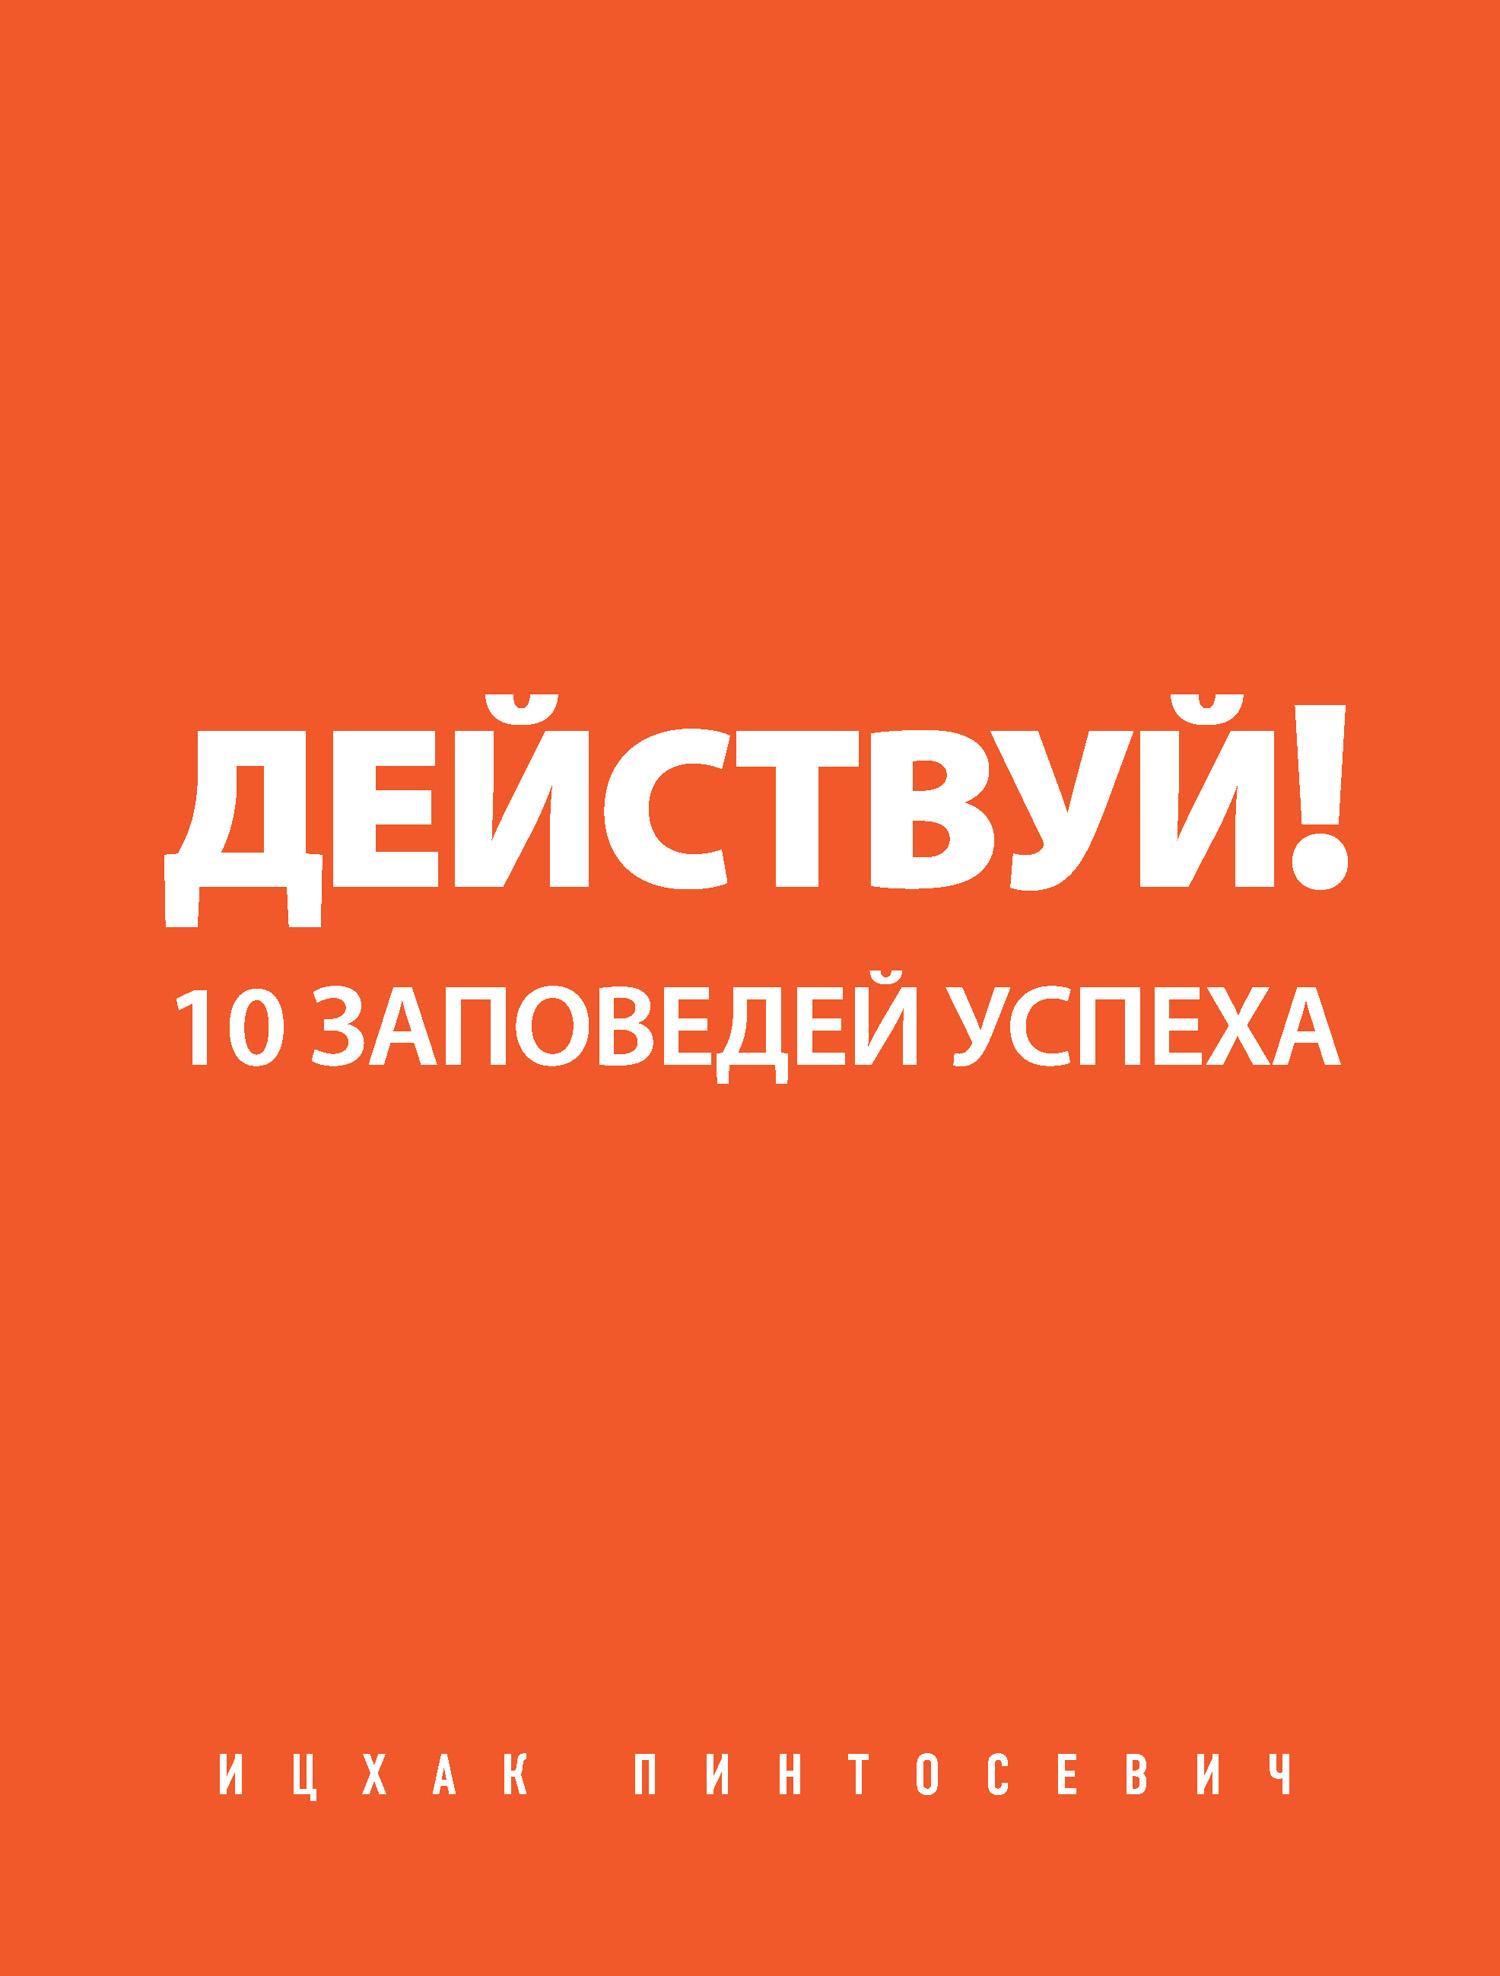 Обложка книги. Автор - Ицхак Пинтосевич